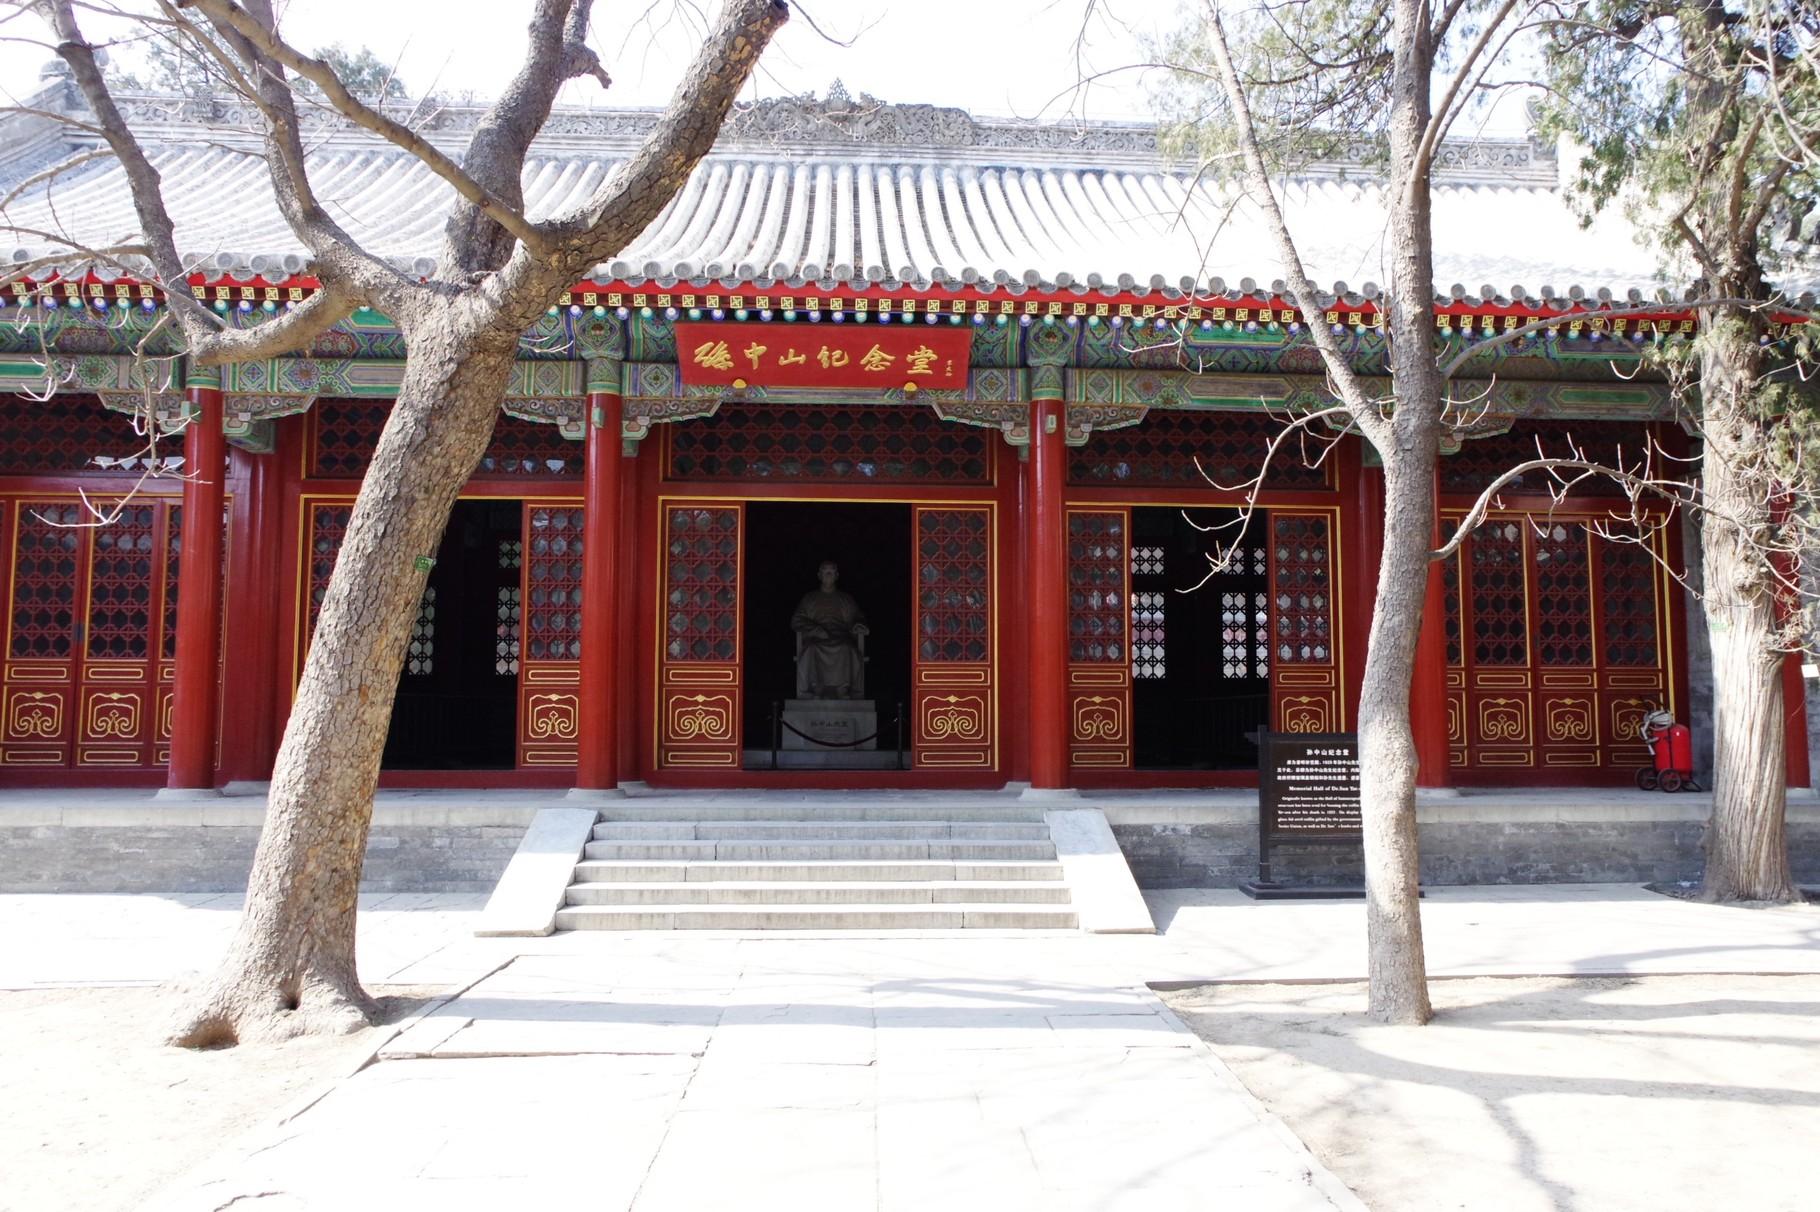 第五の主殿 孫中山(孫文)を記念する中山記念堂